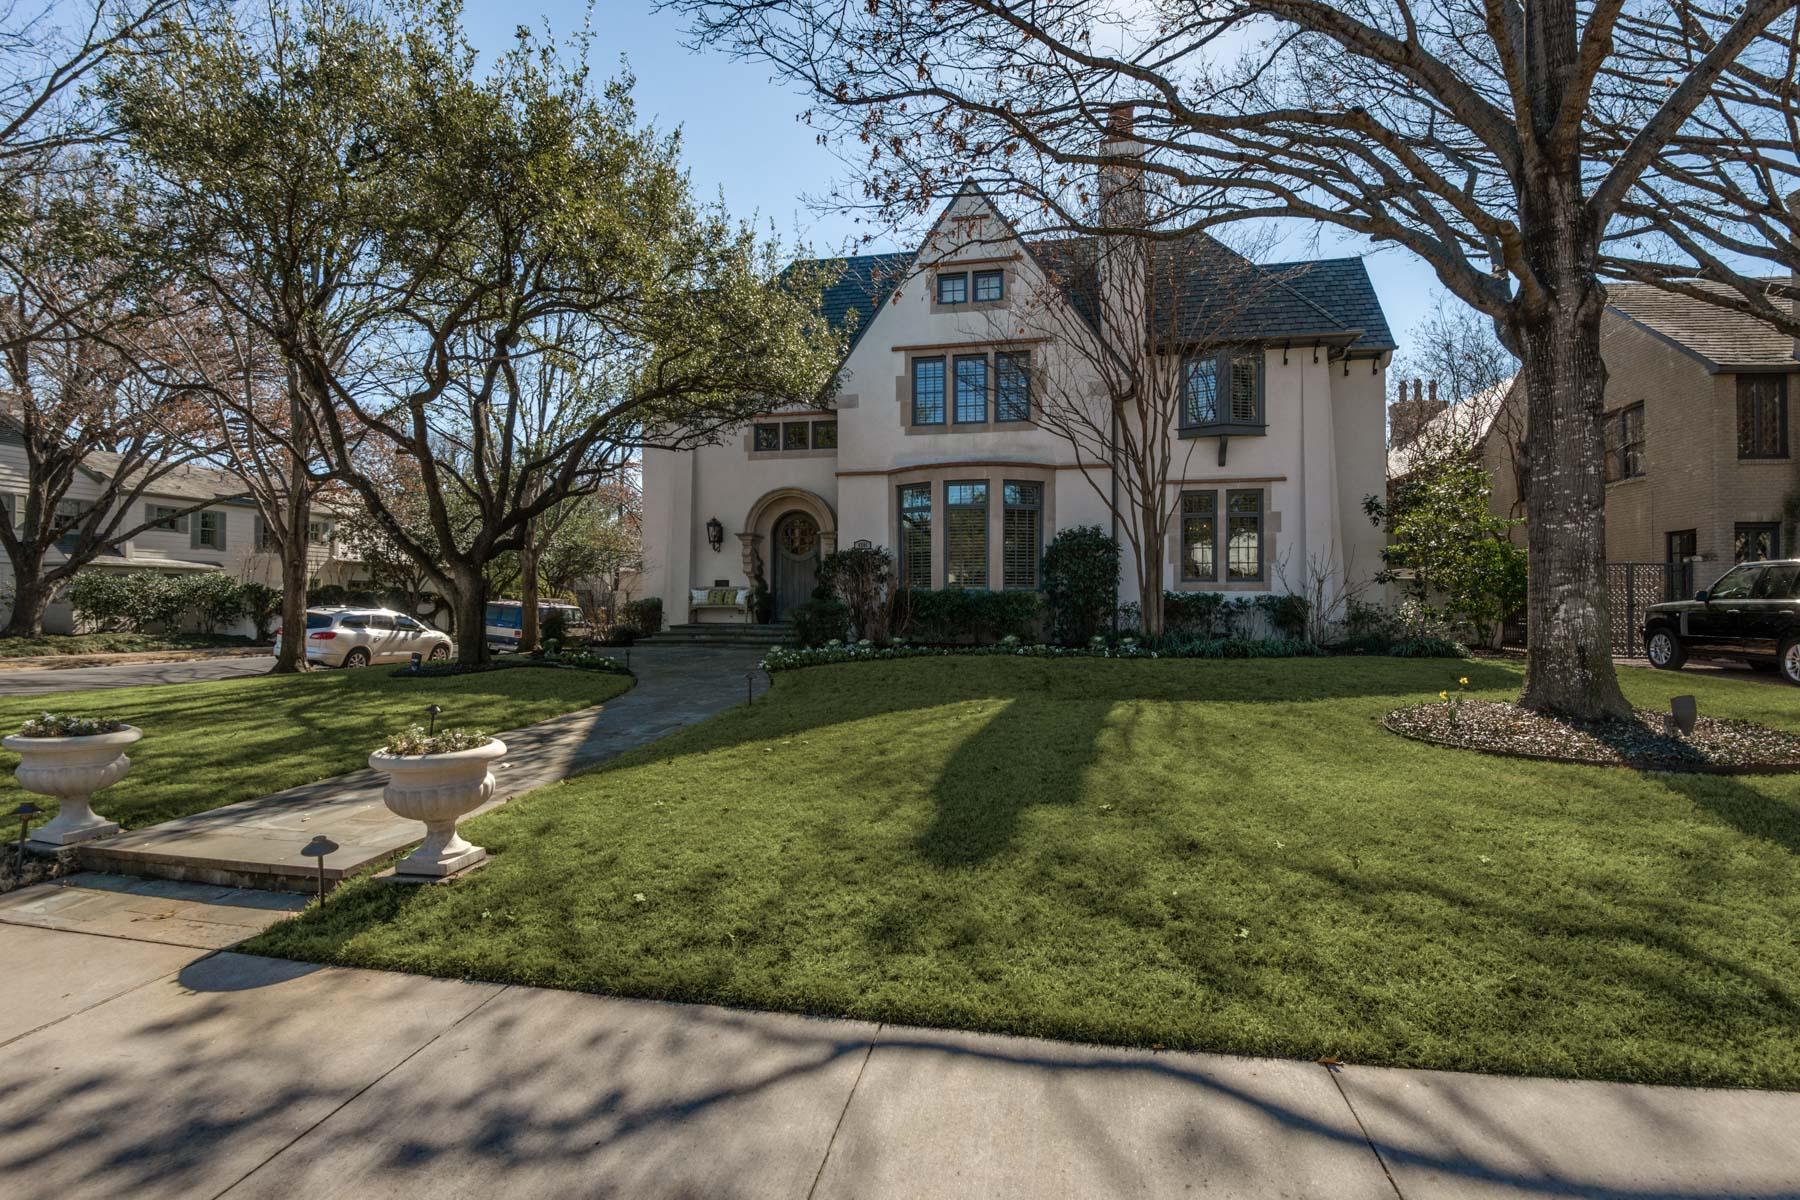 Maison unifamiliale pour l Vente à Stellar Construction in Sterling Location 4201 Windsor Pkwy Dallas, Texas, 75205 États-Unis